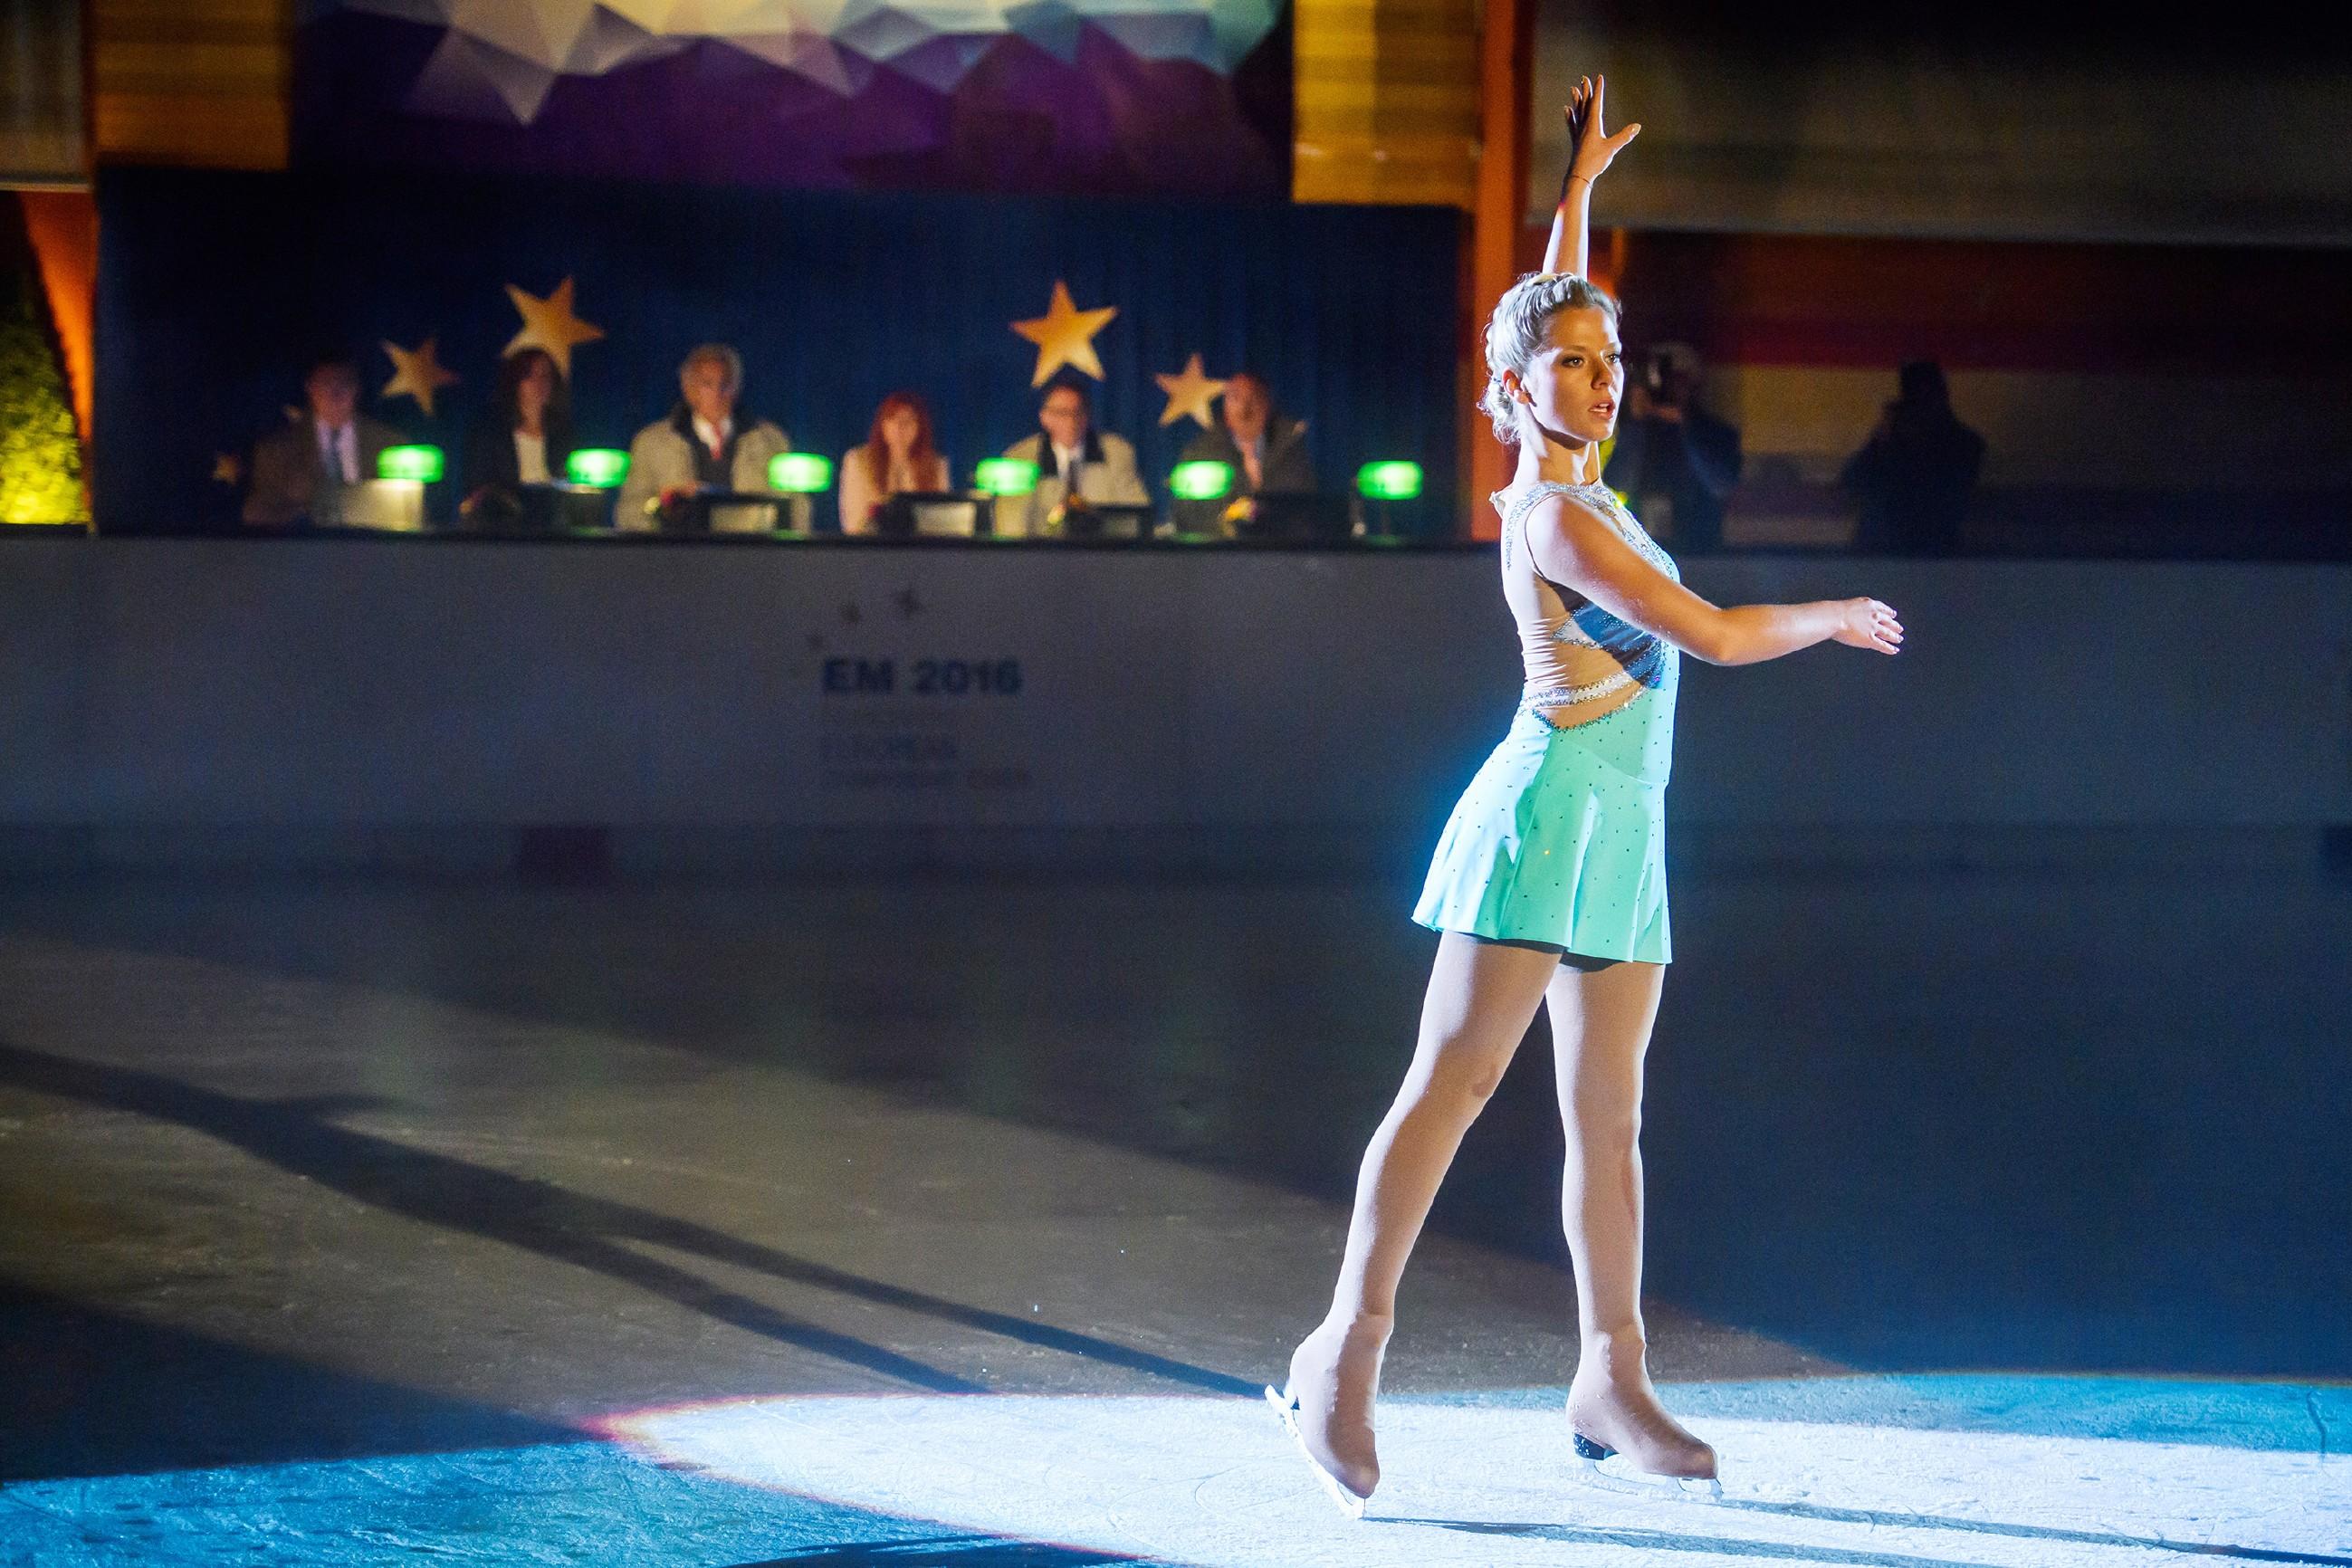 Marie (Cheyenne Pahde) startet zunächst vielversprechend zu ihrem Kurzprogramm auf dem Eis - doch die Sorge um ihre Beziehung hat verheerende Folgen... (Quelle: RTL / Willi Weber)